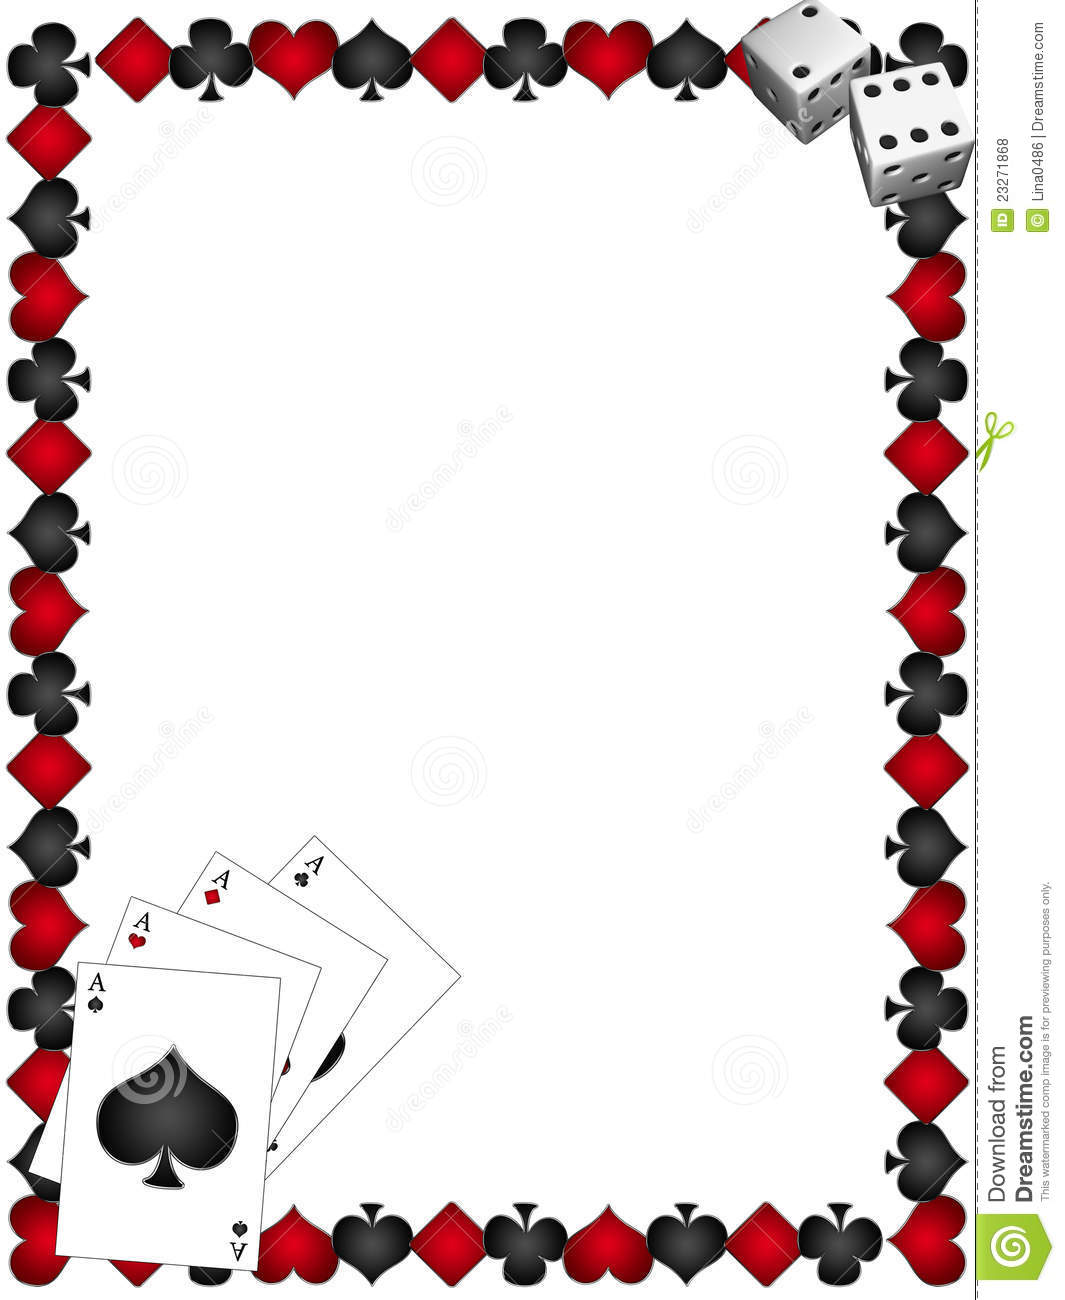 Free borders . Casino clipart border